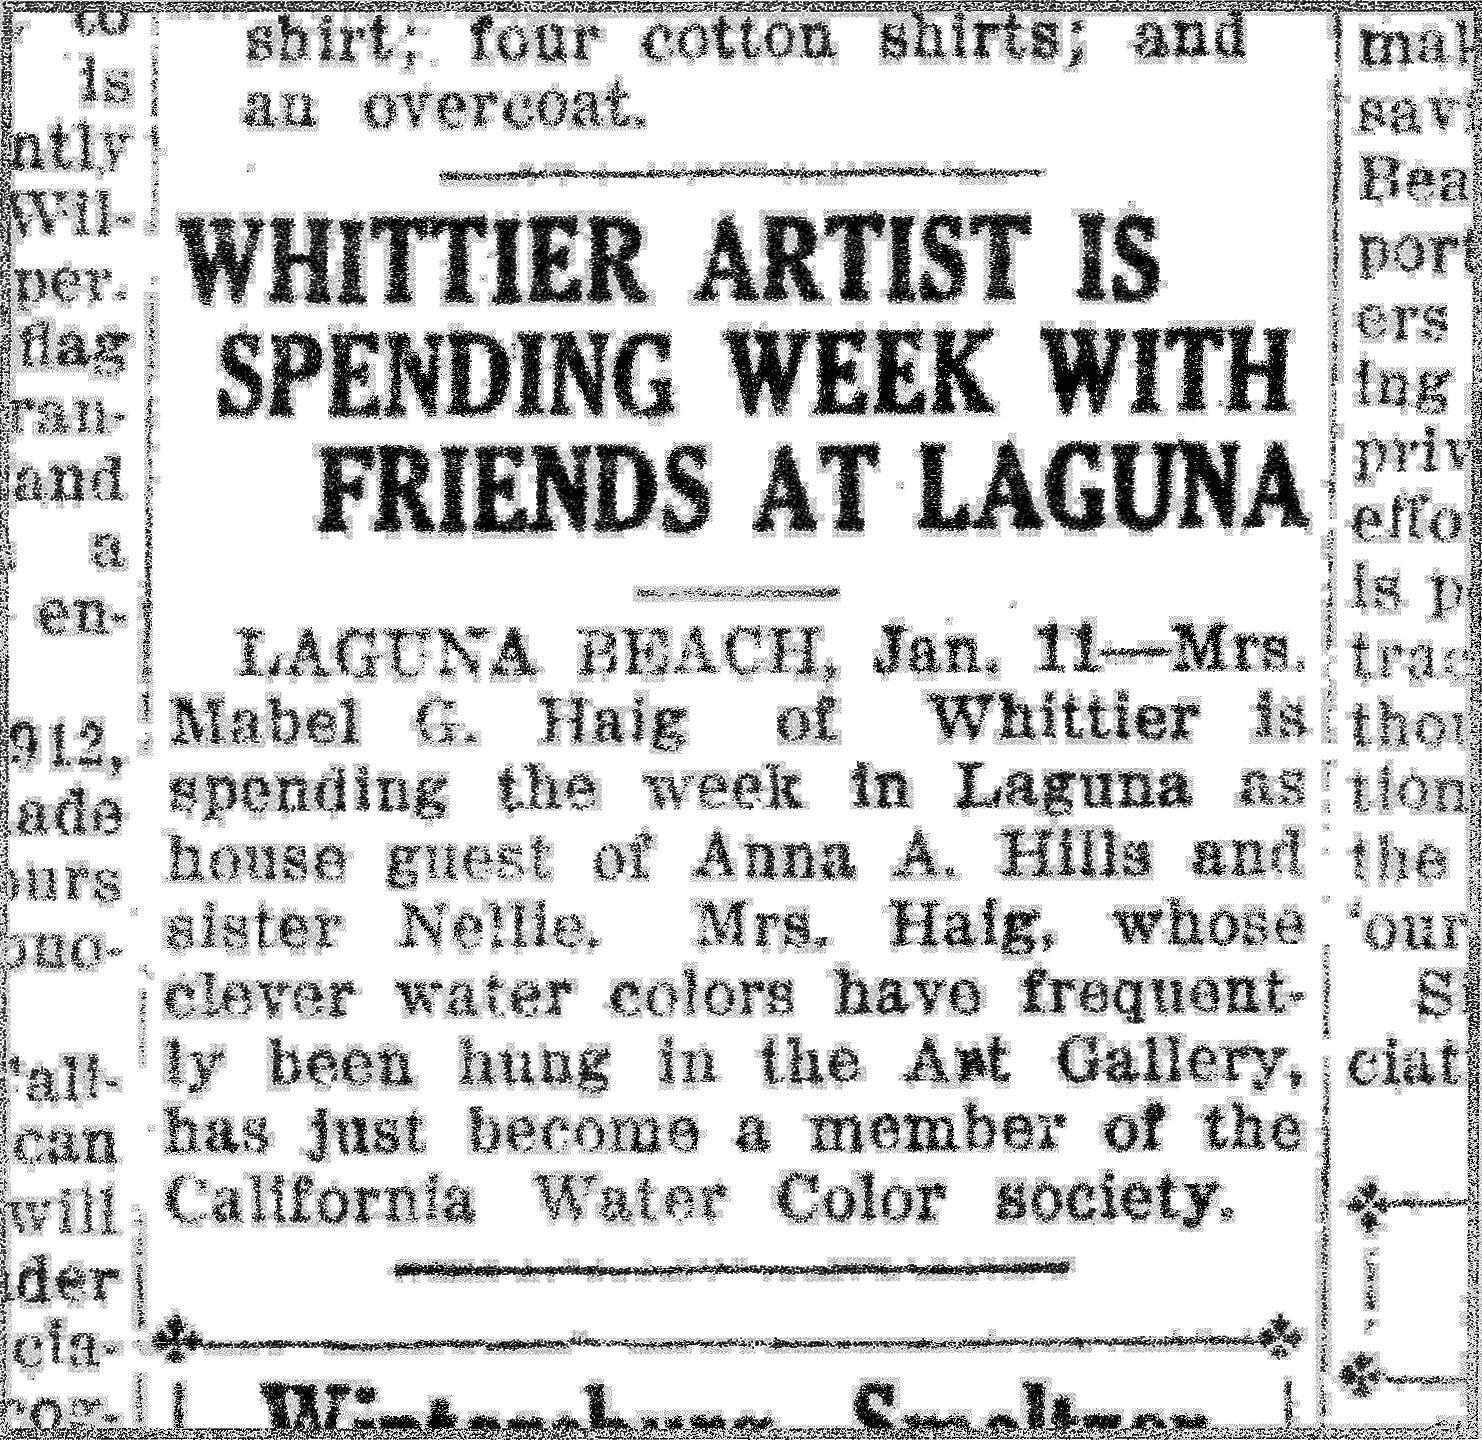 1923_01_11-sar-mabel-visits-anna-for-a-week-mem-ca-w-c-society-edited